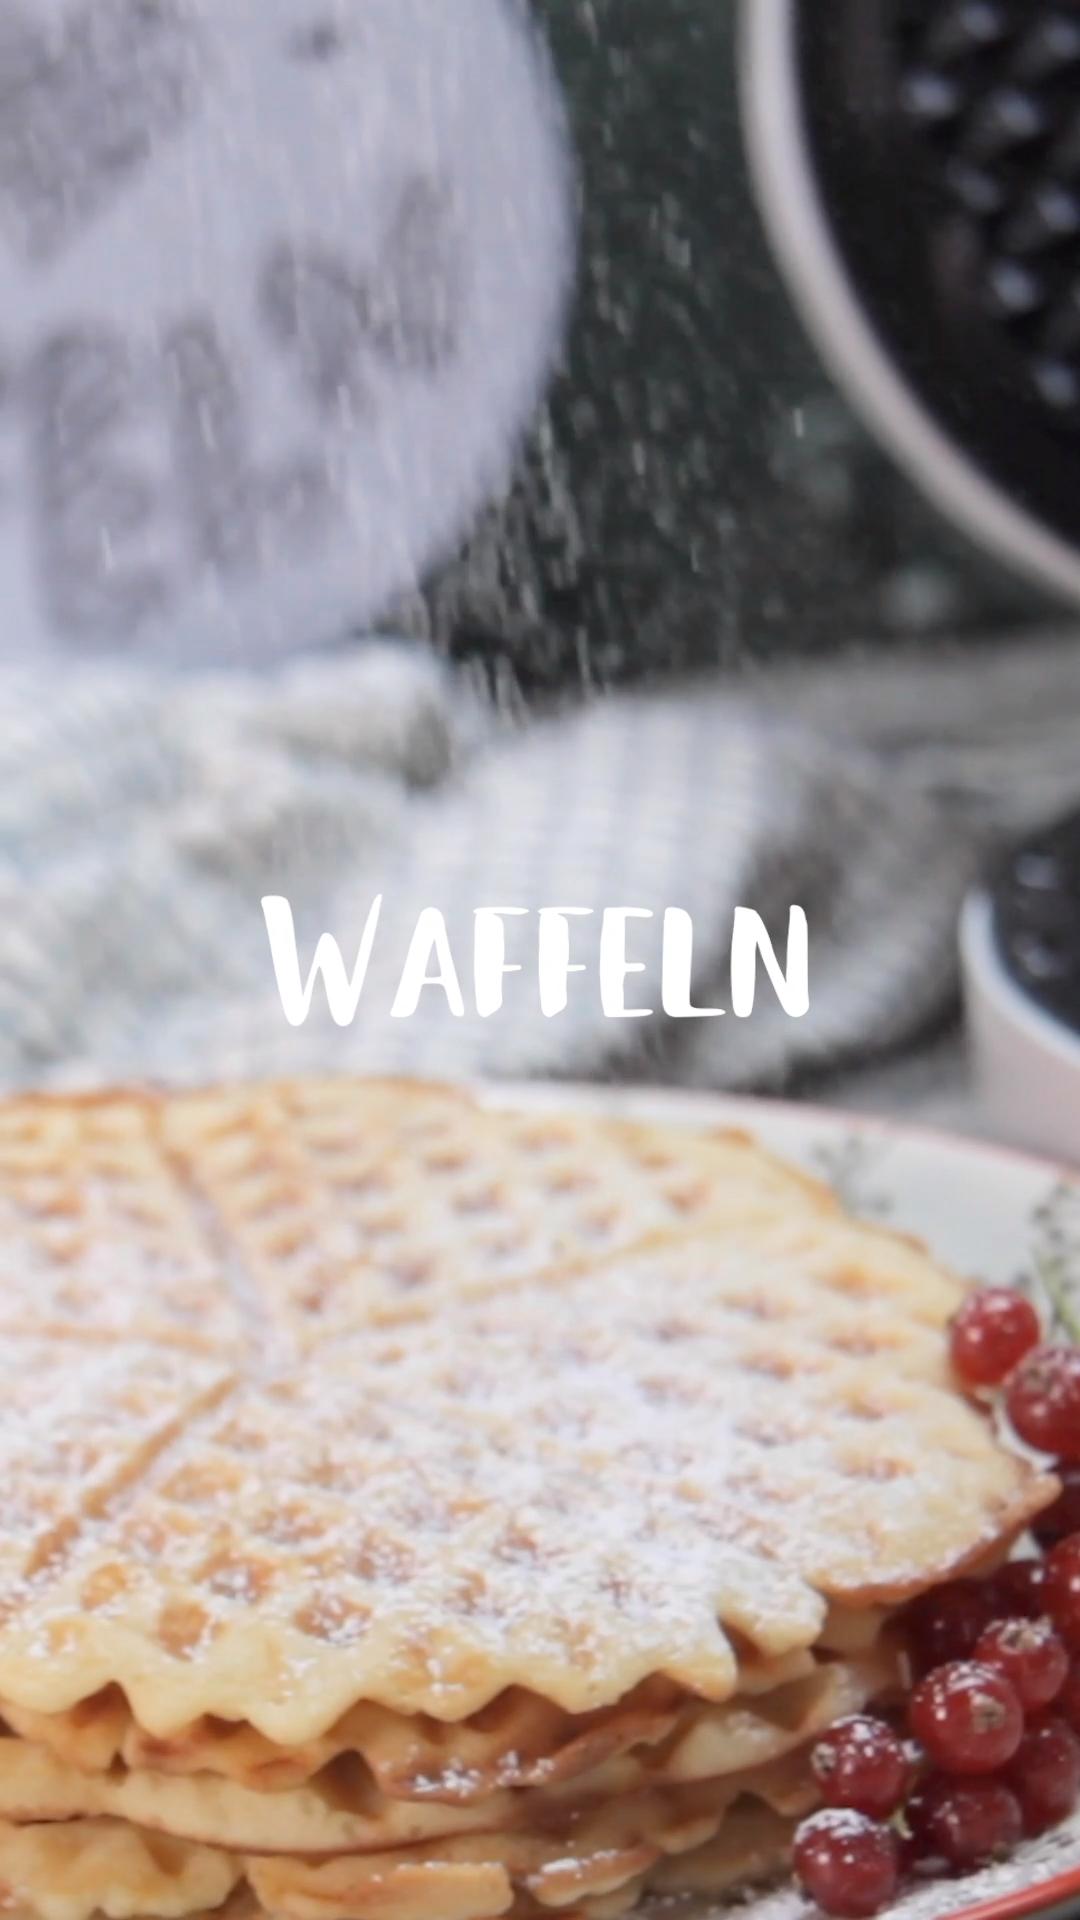 Diese Waffeln sind super einfach – das ist wirklich der perfekte Grundteig! Leider, machen wir sie viel zu selten, dabei sind sie viel leichter zubereitet als ein Kuchen. Dieses Rezept solltest du dir also gut aufbewahren! #waffeln #waffelrezept